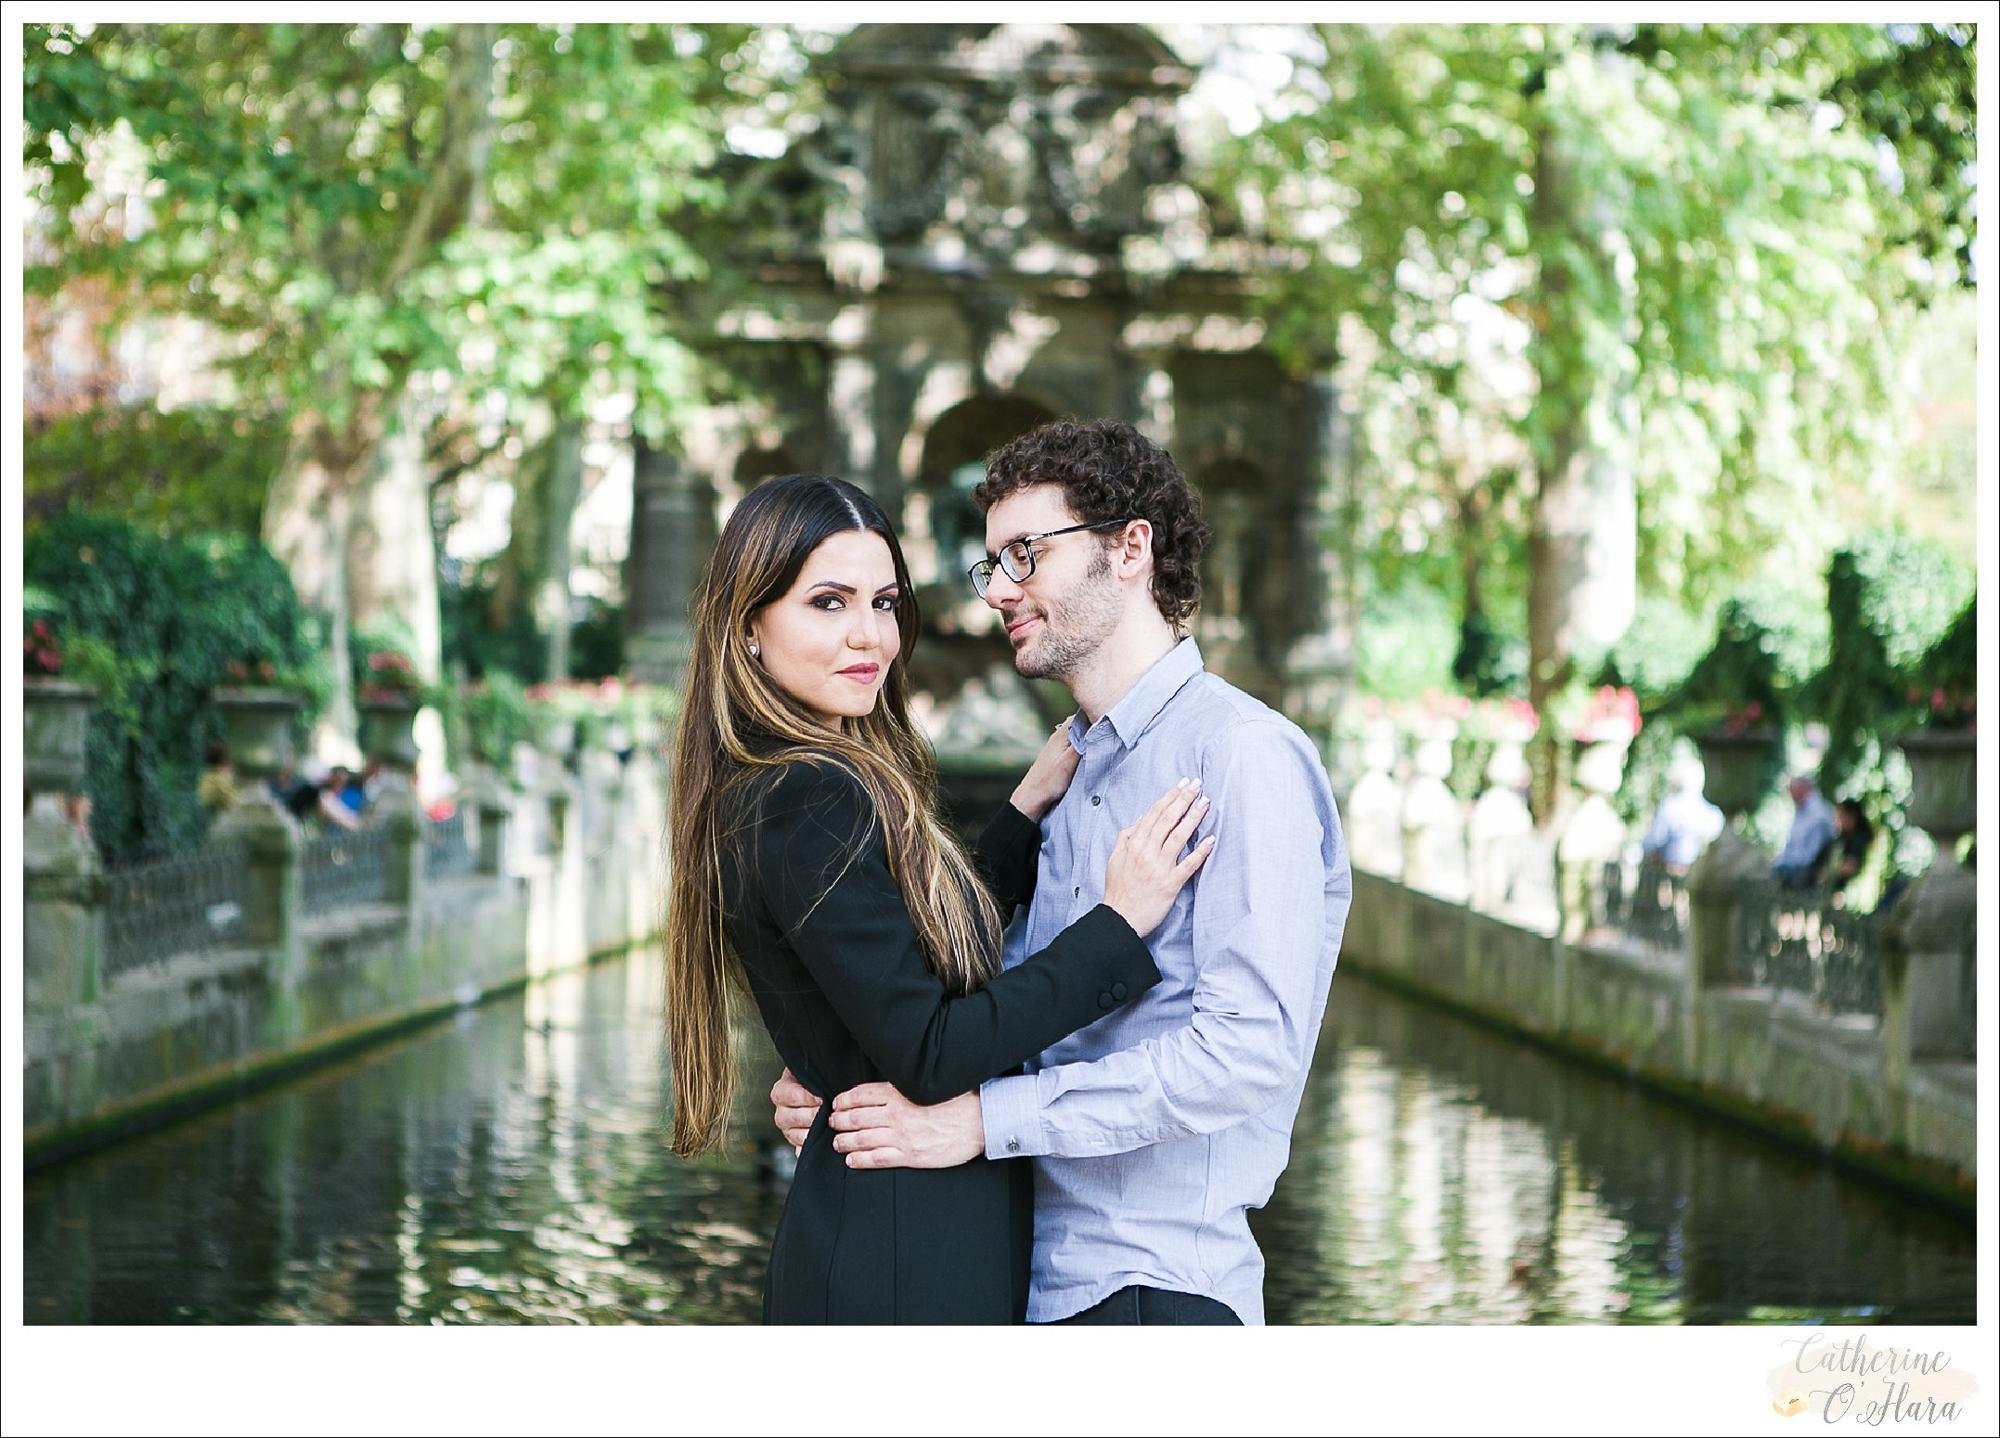 surprise proposal engagement photographer paris france-45.jpg